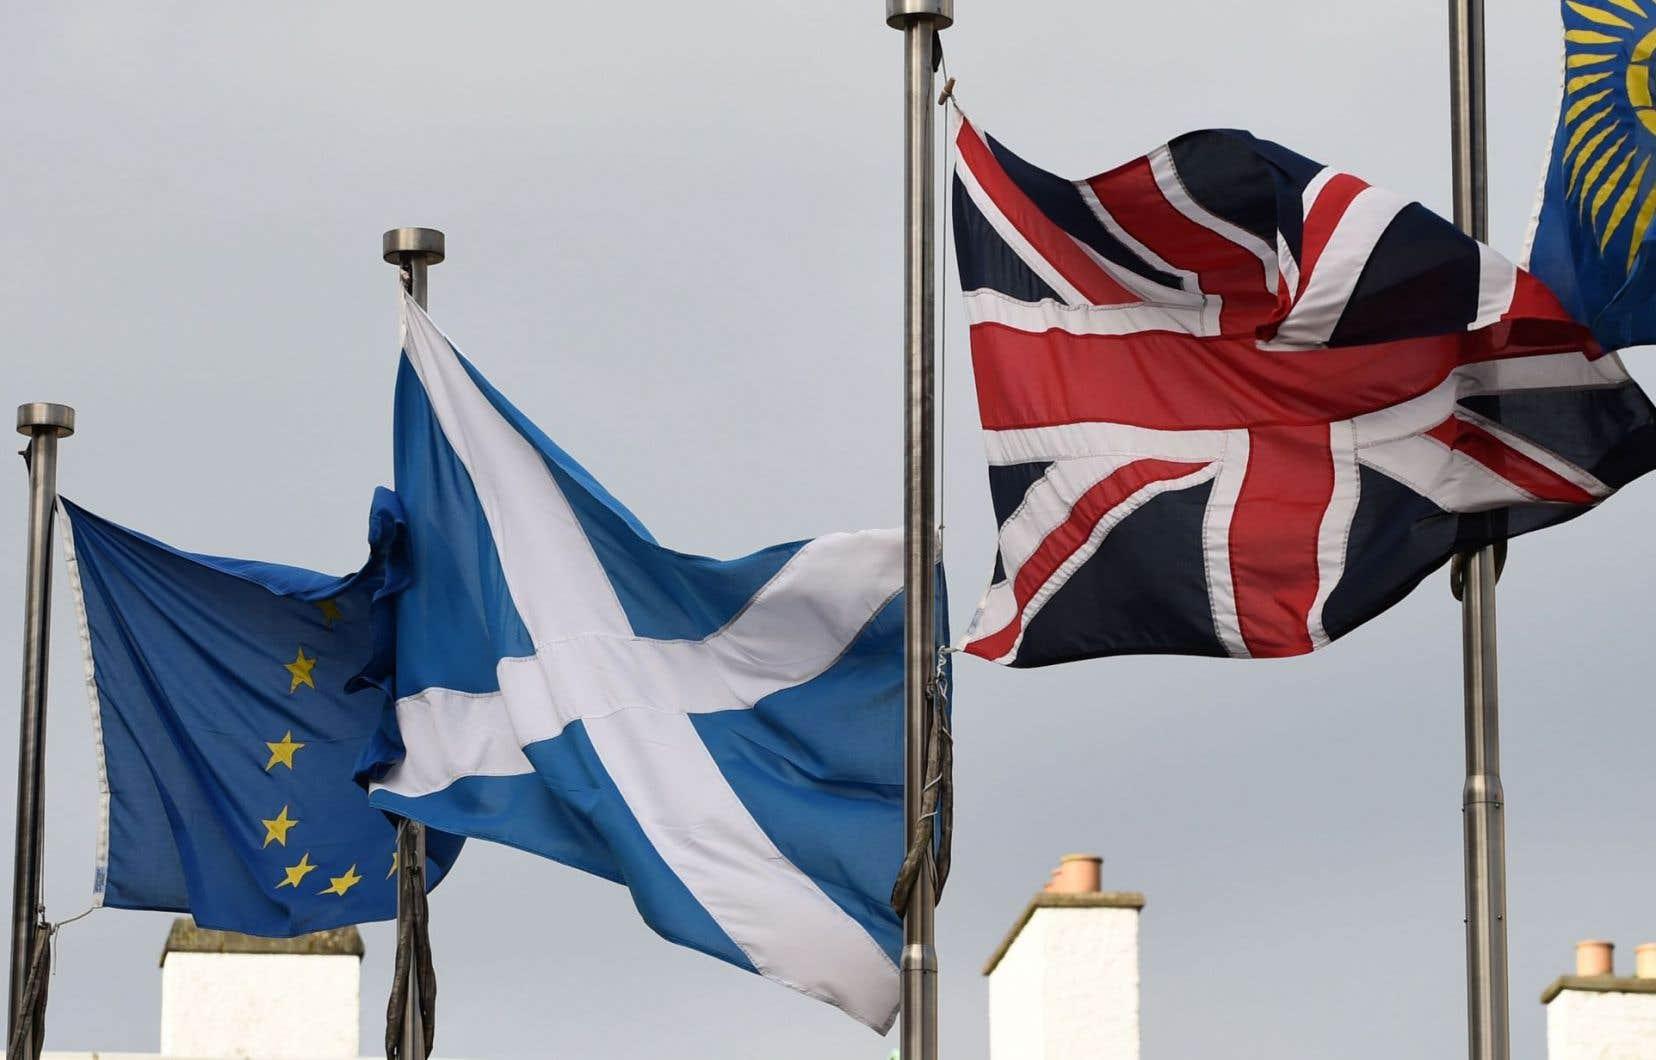 Le drapeau écossais bat au vent entre ceux de l'Union européenne et du Royaume-Uni.